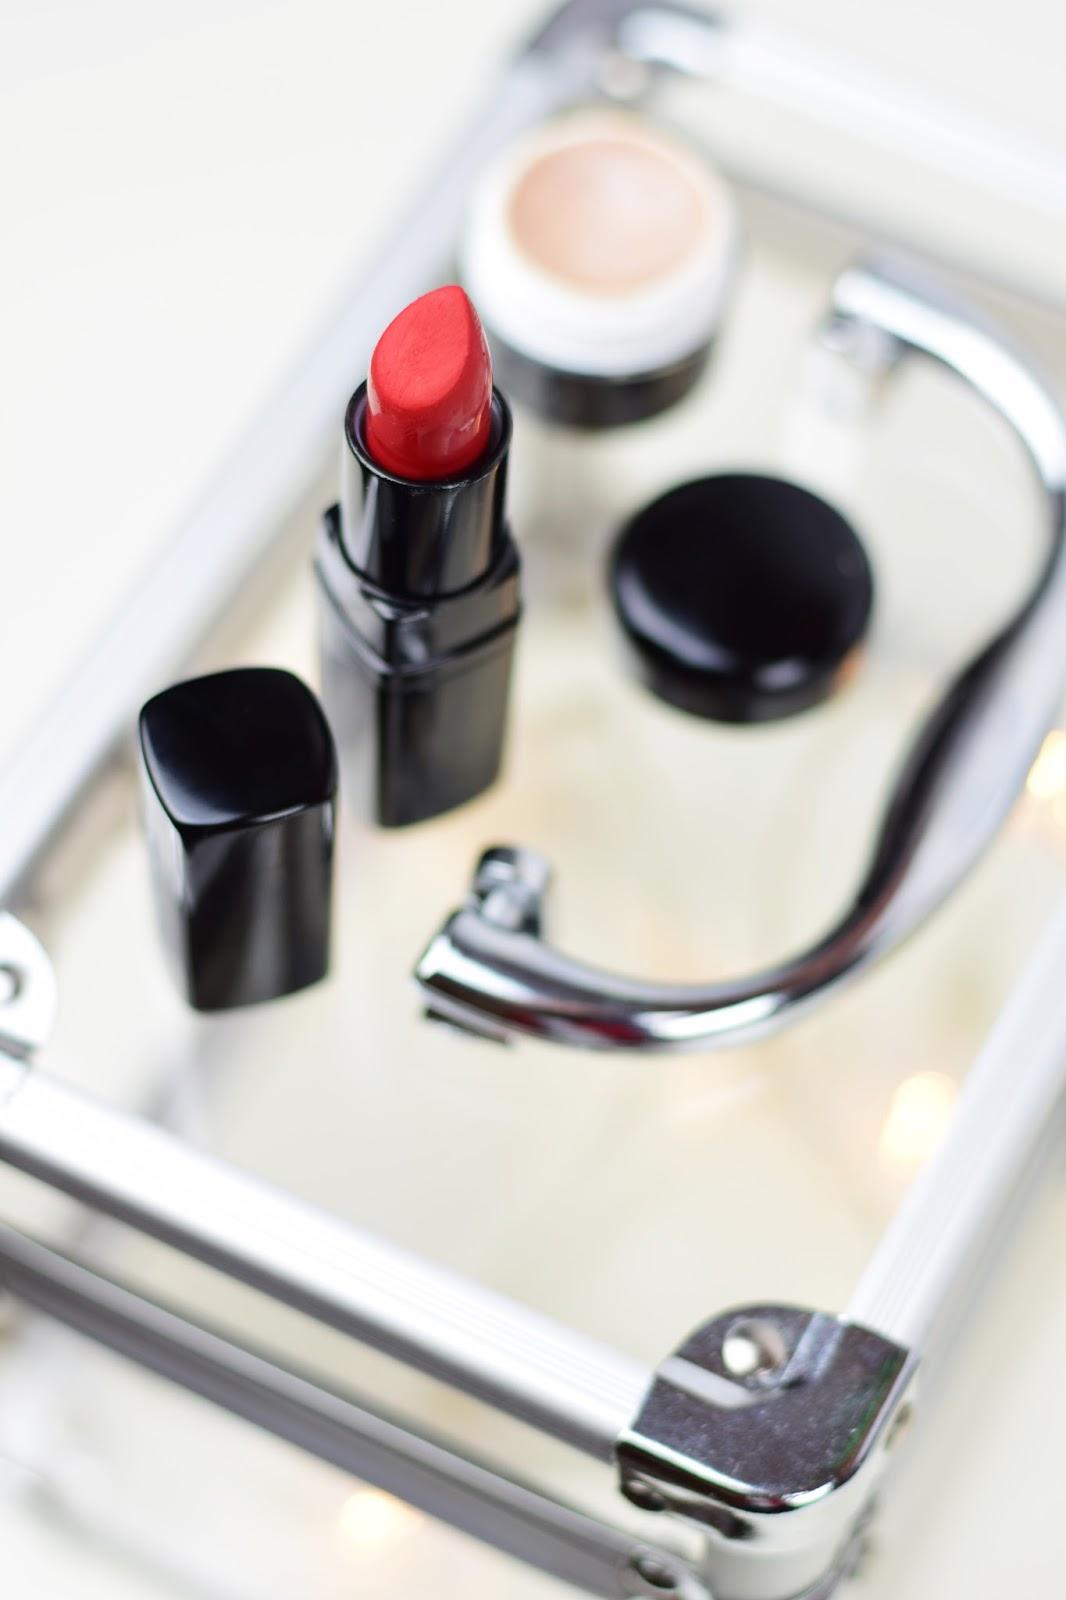 roczarowania_kosmetyczne_buble_kosmetyczne_czego_nie_kupować